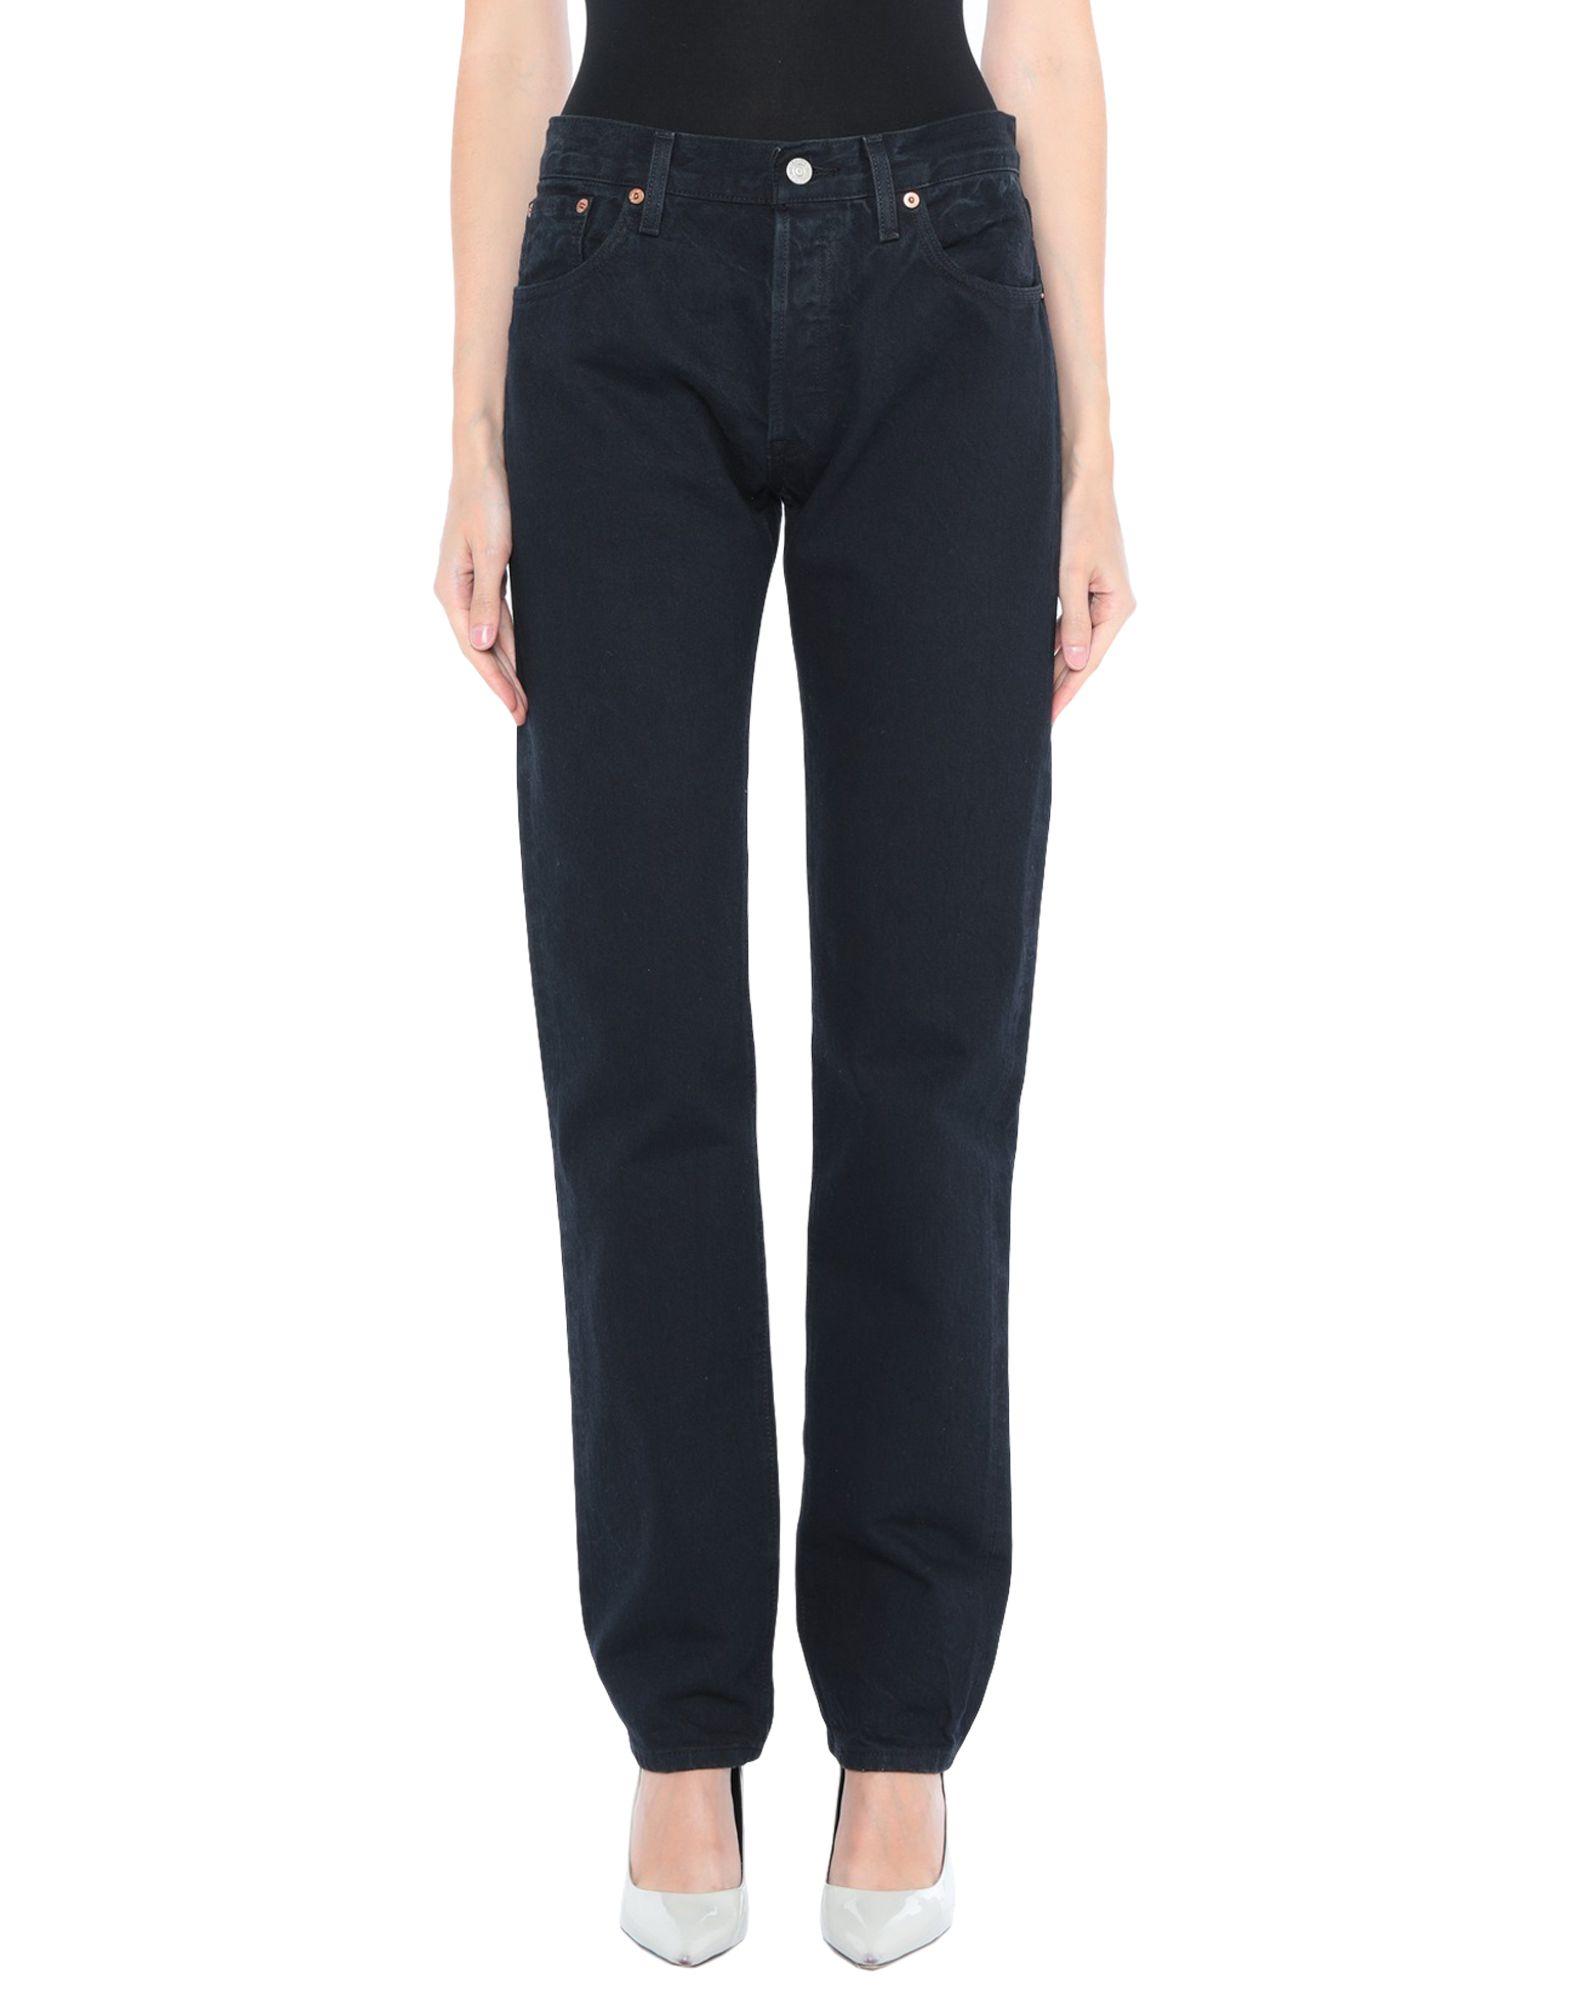 LEVI'S VINTAGE CLOTHING Джинсовые брюки цена 2017